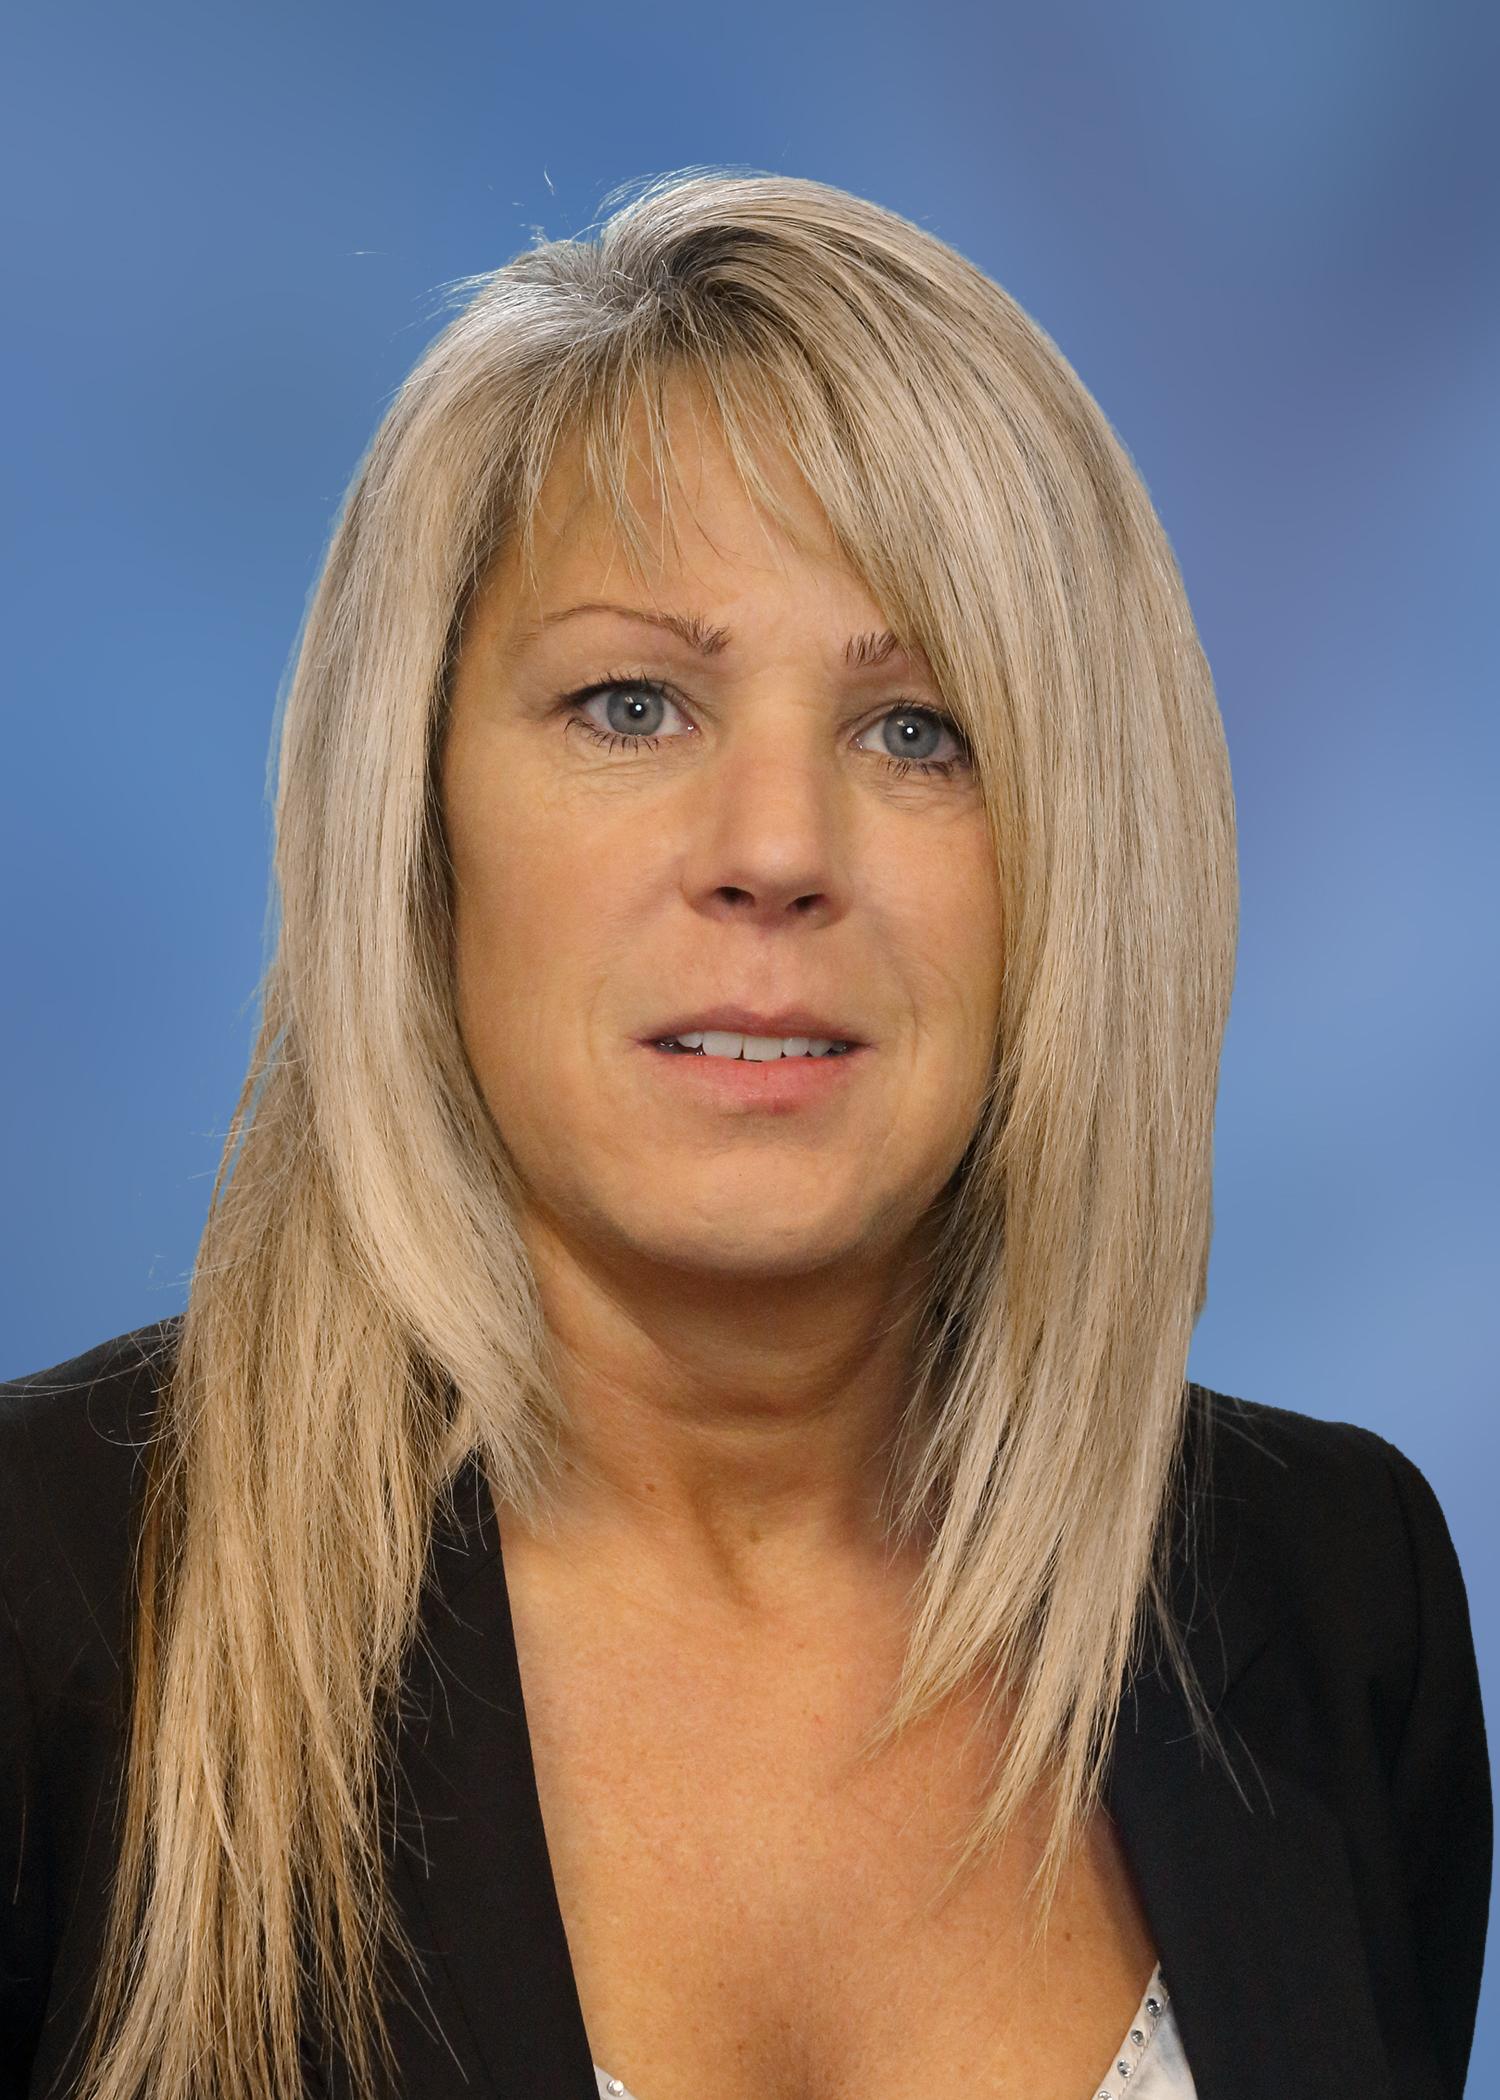 Nicolette Mason blue background